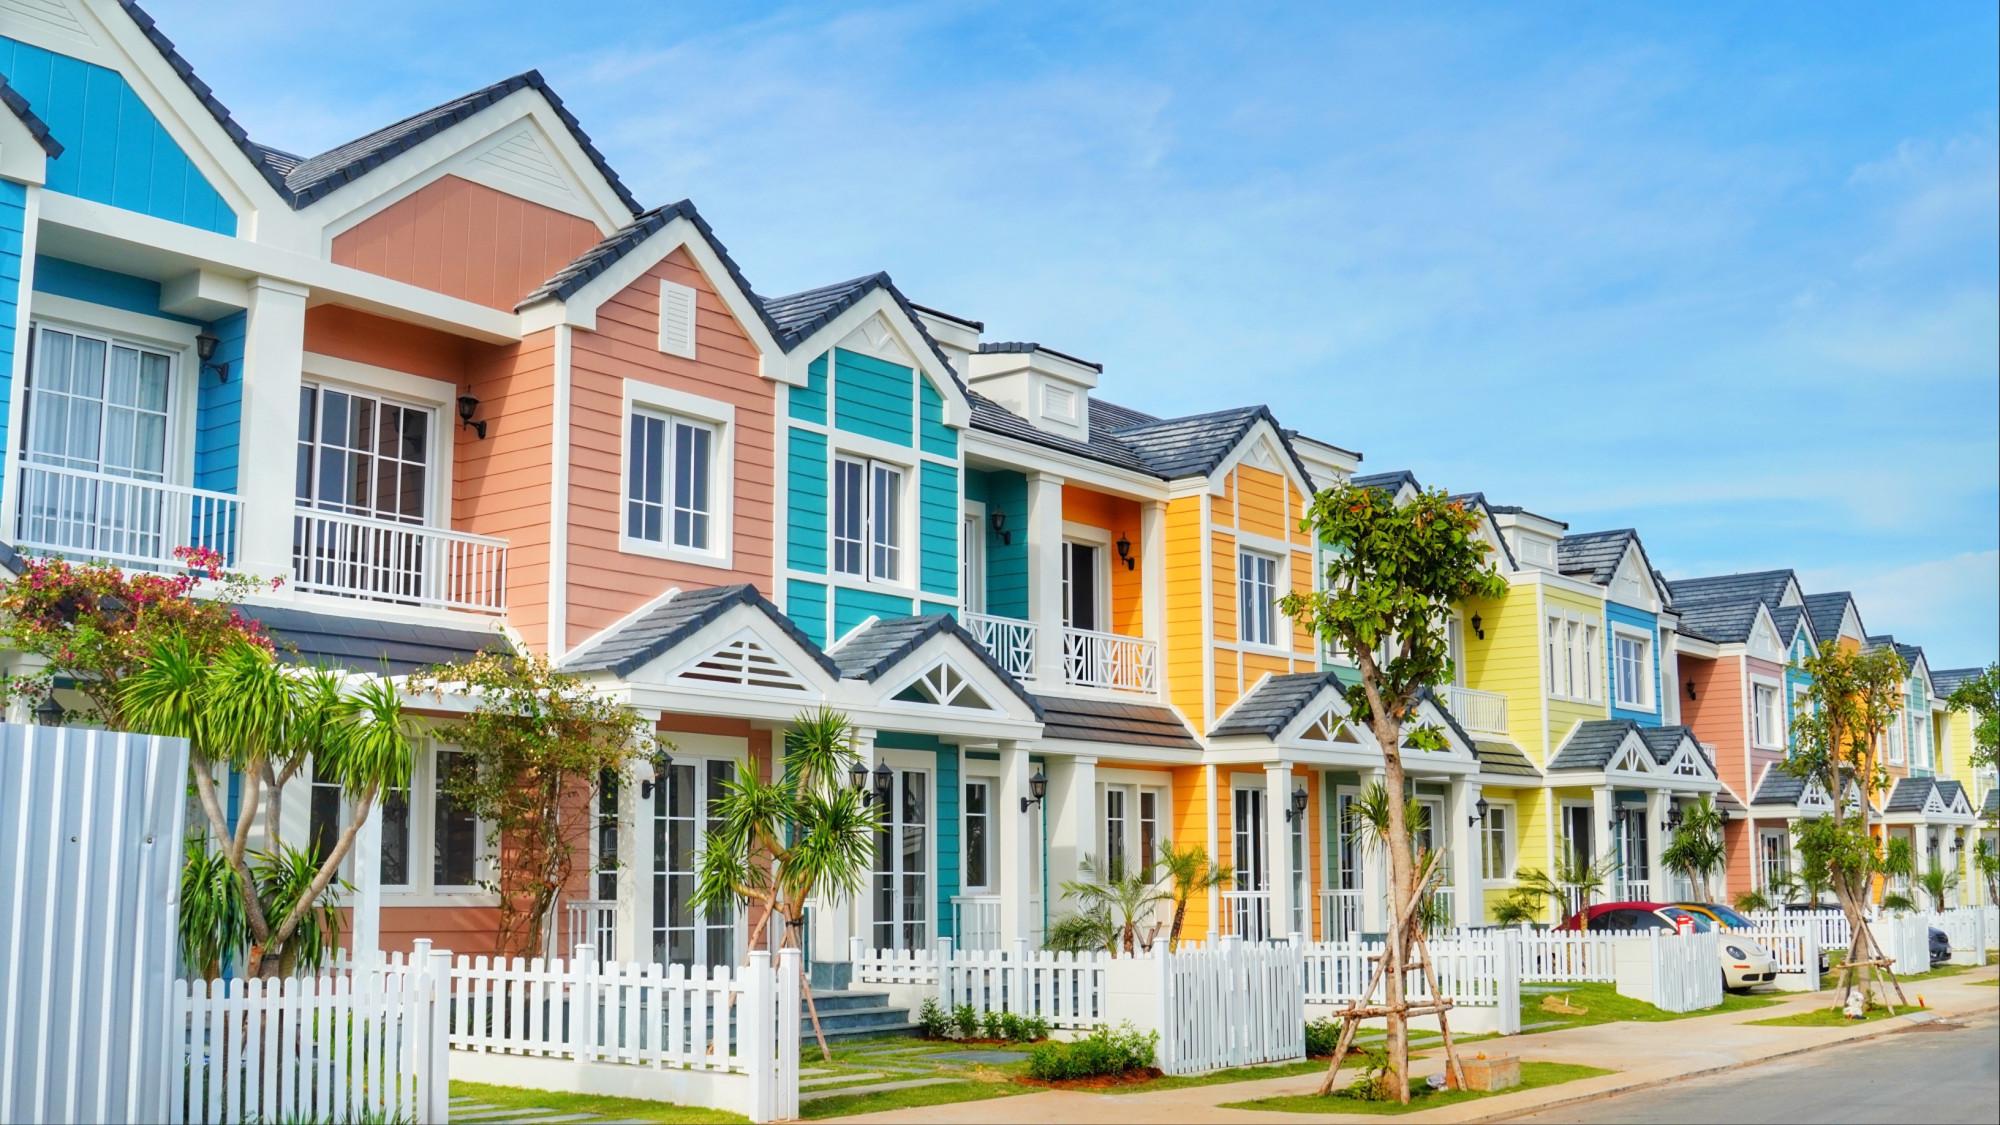 Second home Florida (NovaWorld Phan Thiet, tỉnh Bình Thuận) - một trong những sản phẩm đang thu hút nhiều sự quan tâm từ khách hàng